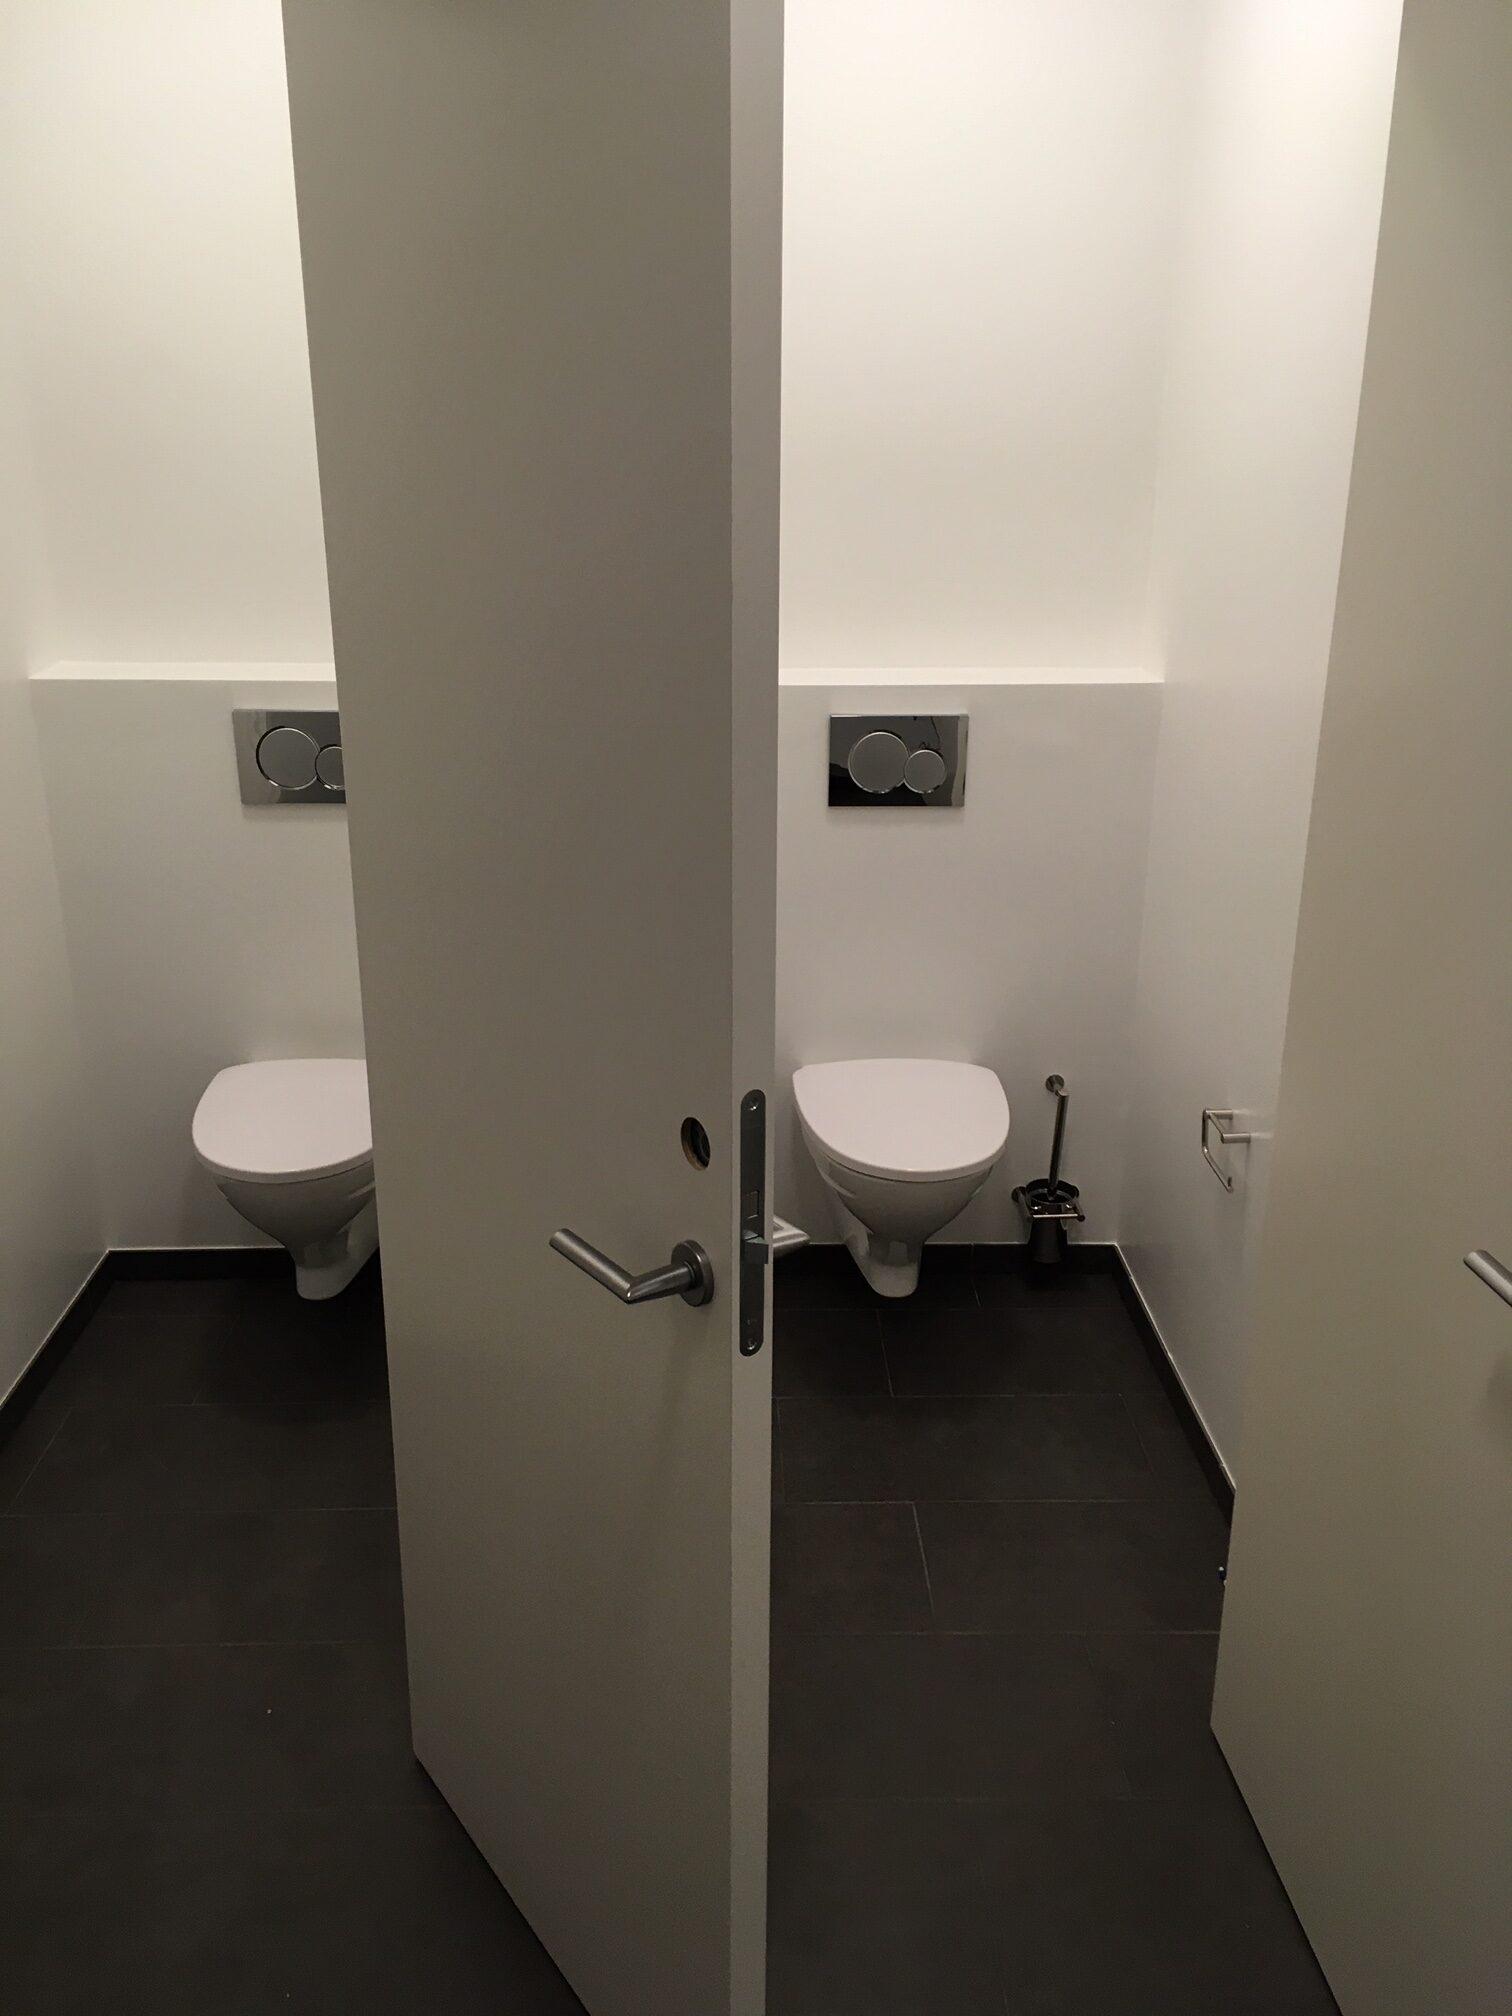 Nyt badeværelse VVS arbejde Viborg